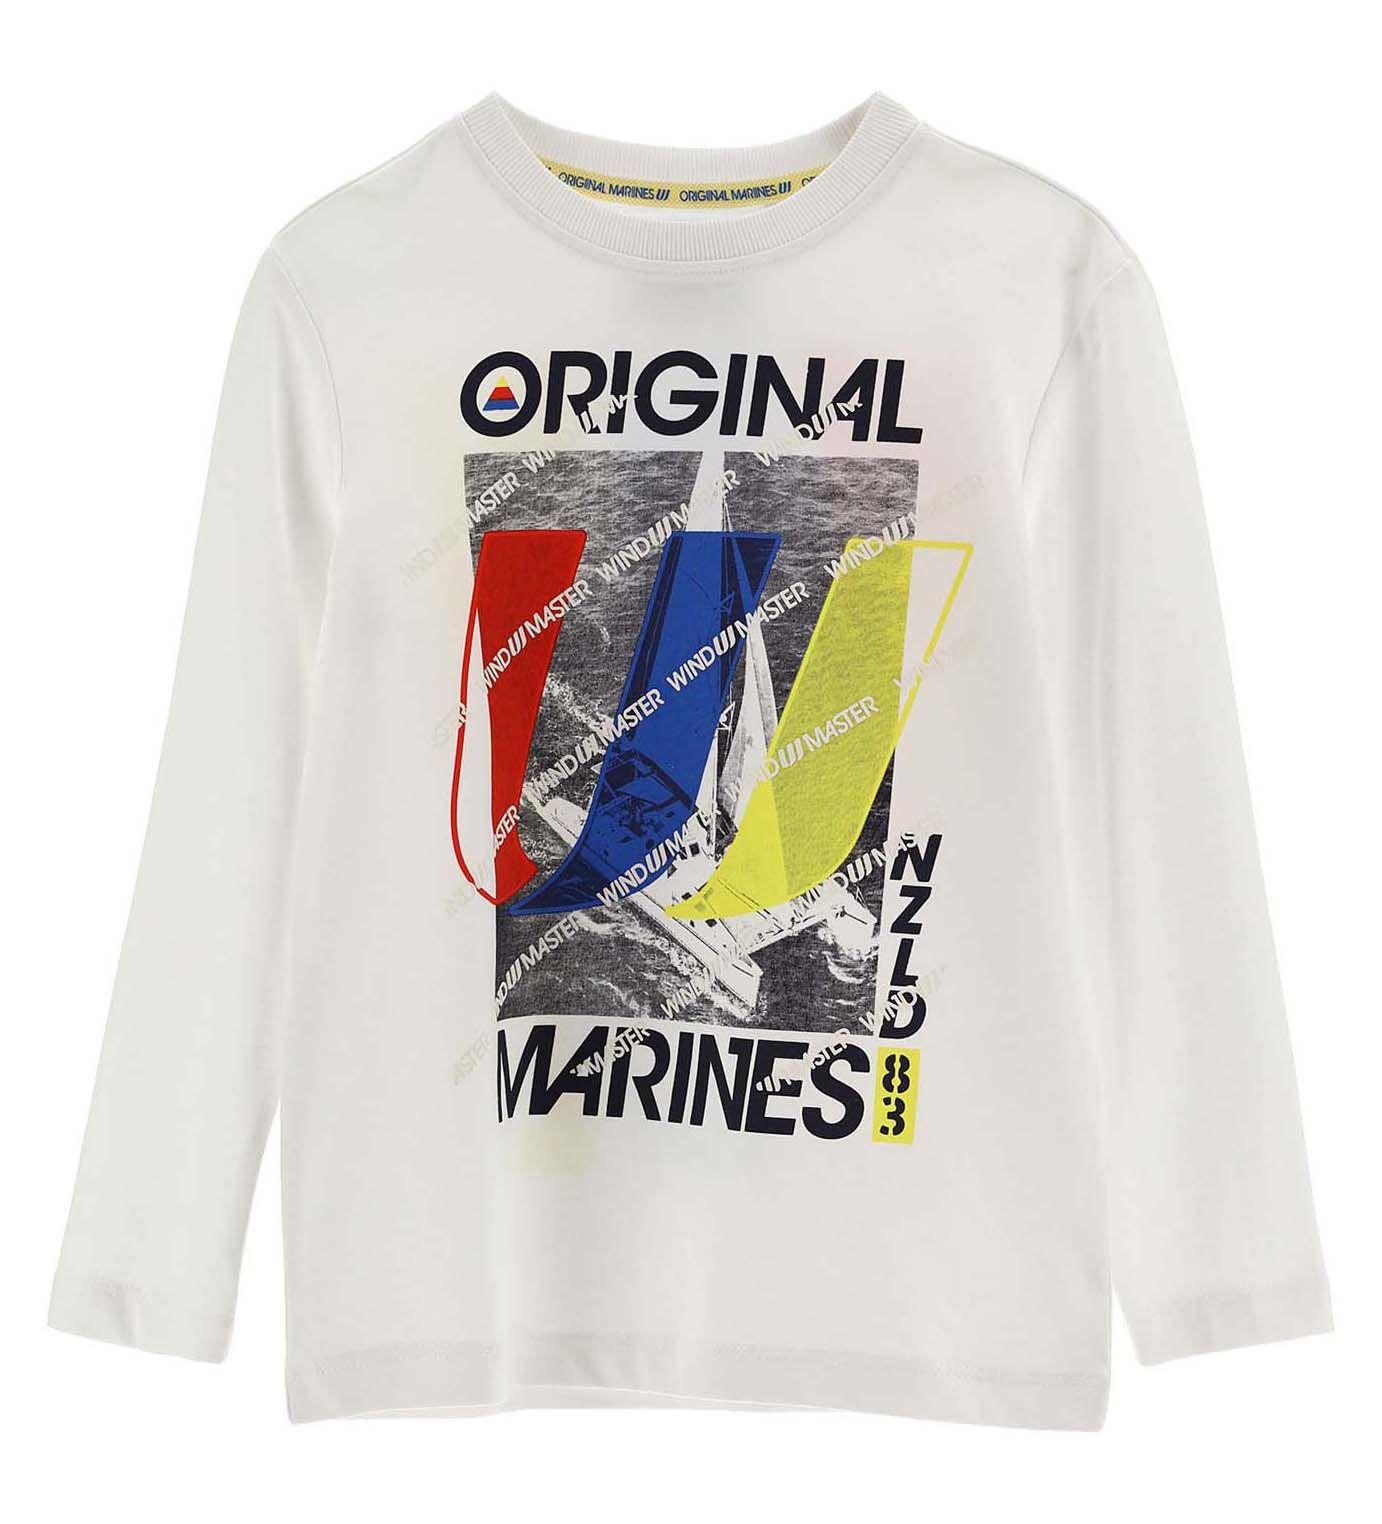 Купить Лонгслив Original Marines, белый, 128, Мальчики, весна